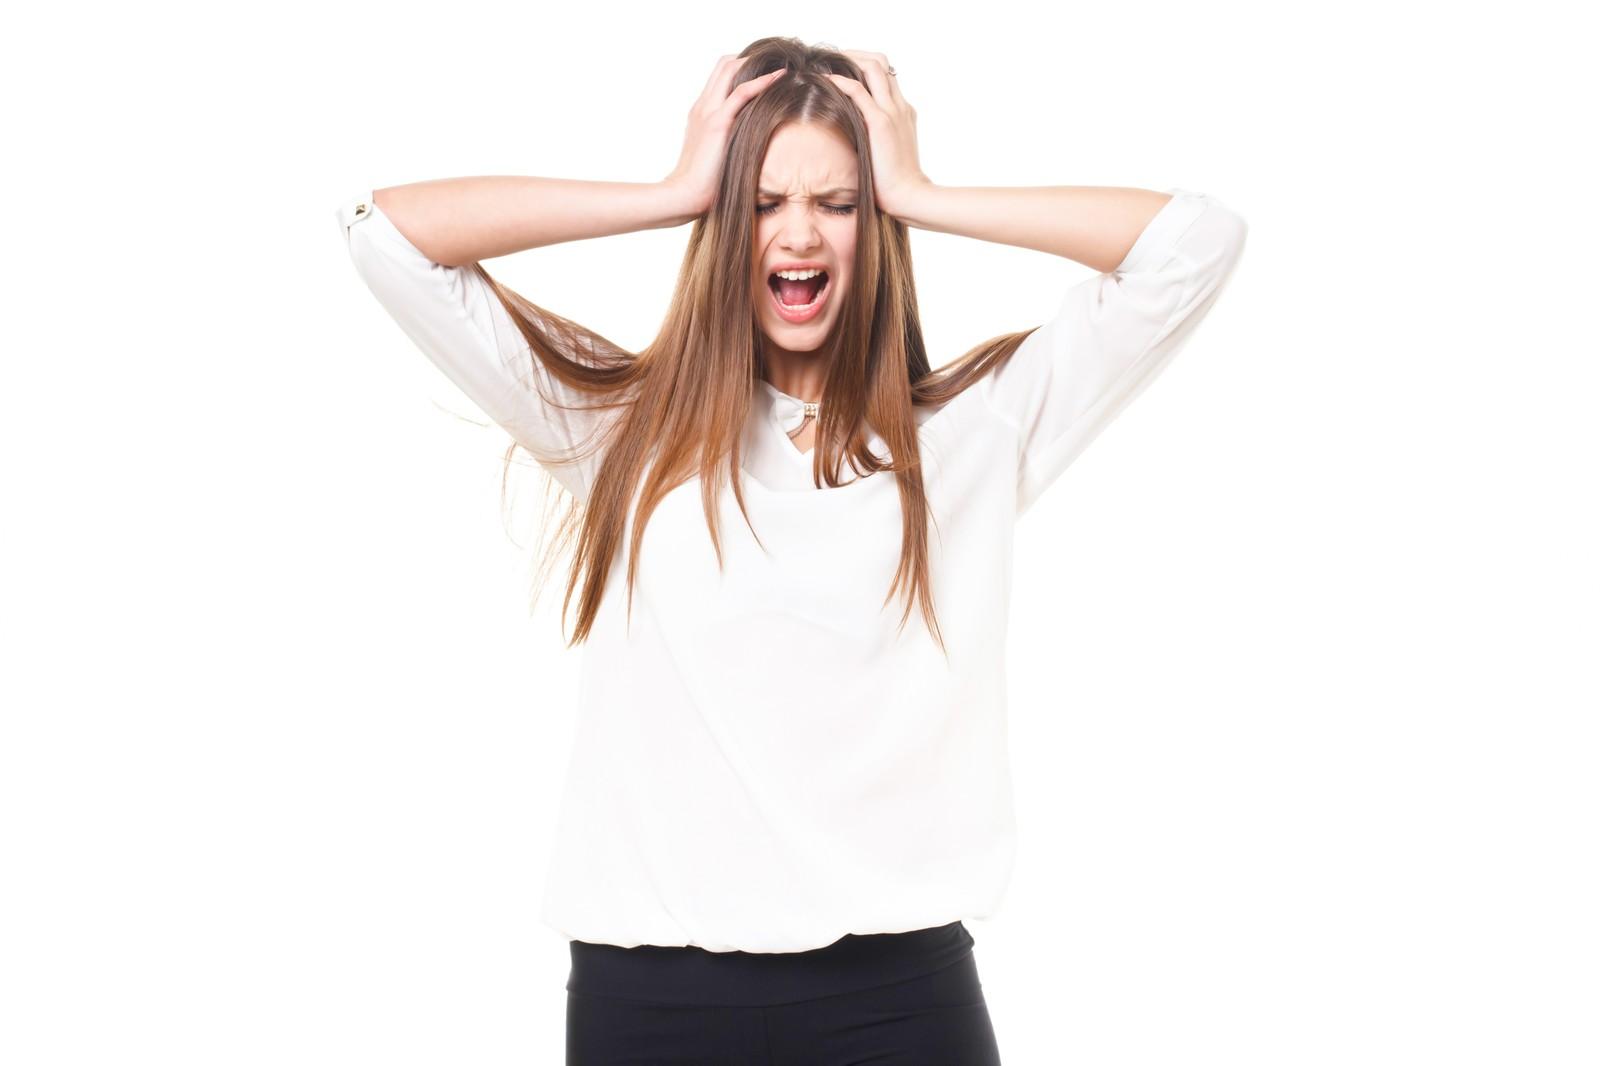 ウィッグをかぶると蒸れて痒い…頭皮が痛い…の解決策をご紹介!